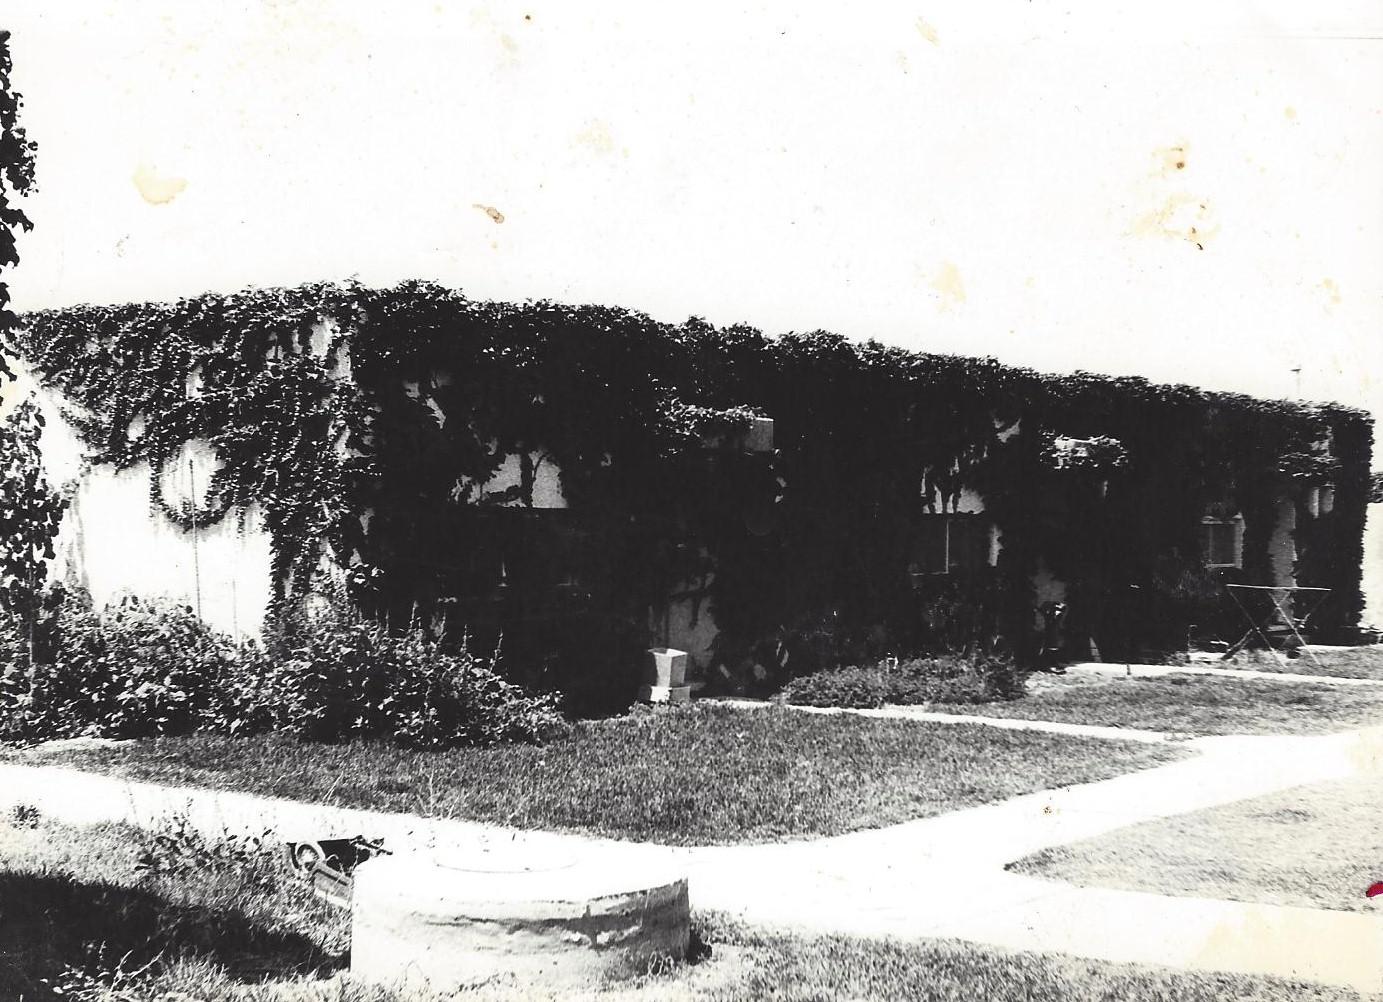 דירת עייזר 1981